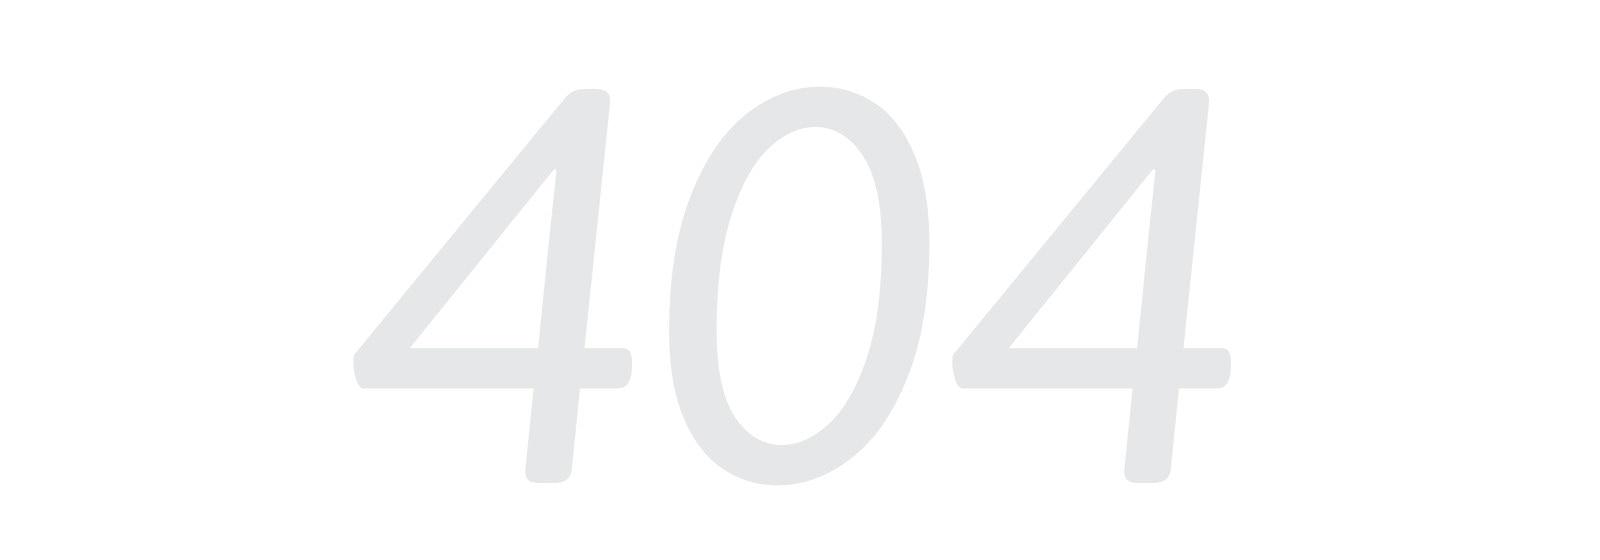 TENA-404-desktop-1600x560.jpg